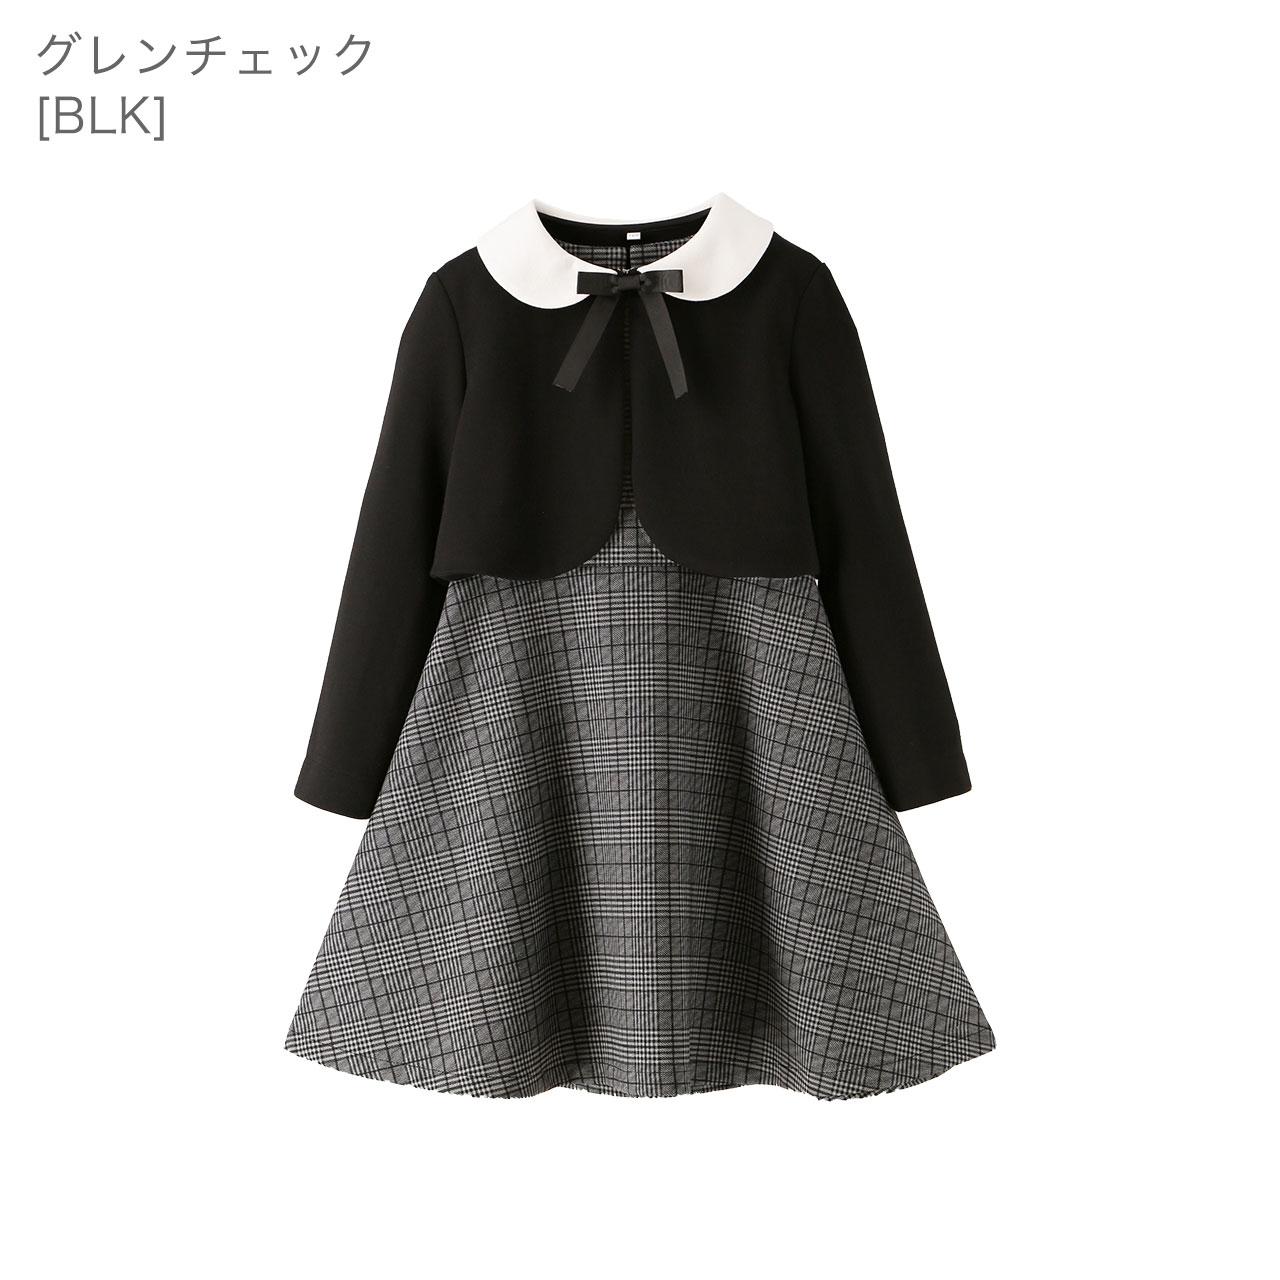 女の子入学式スーツグレンチェック